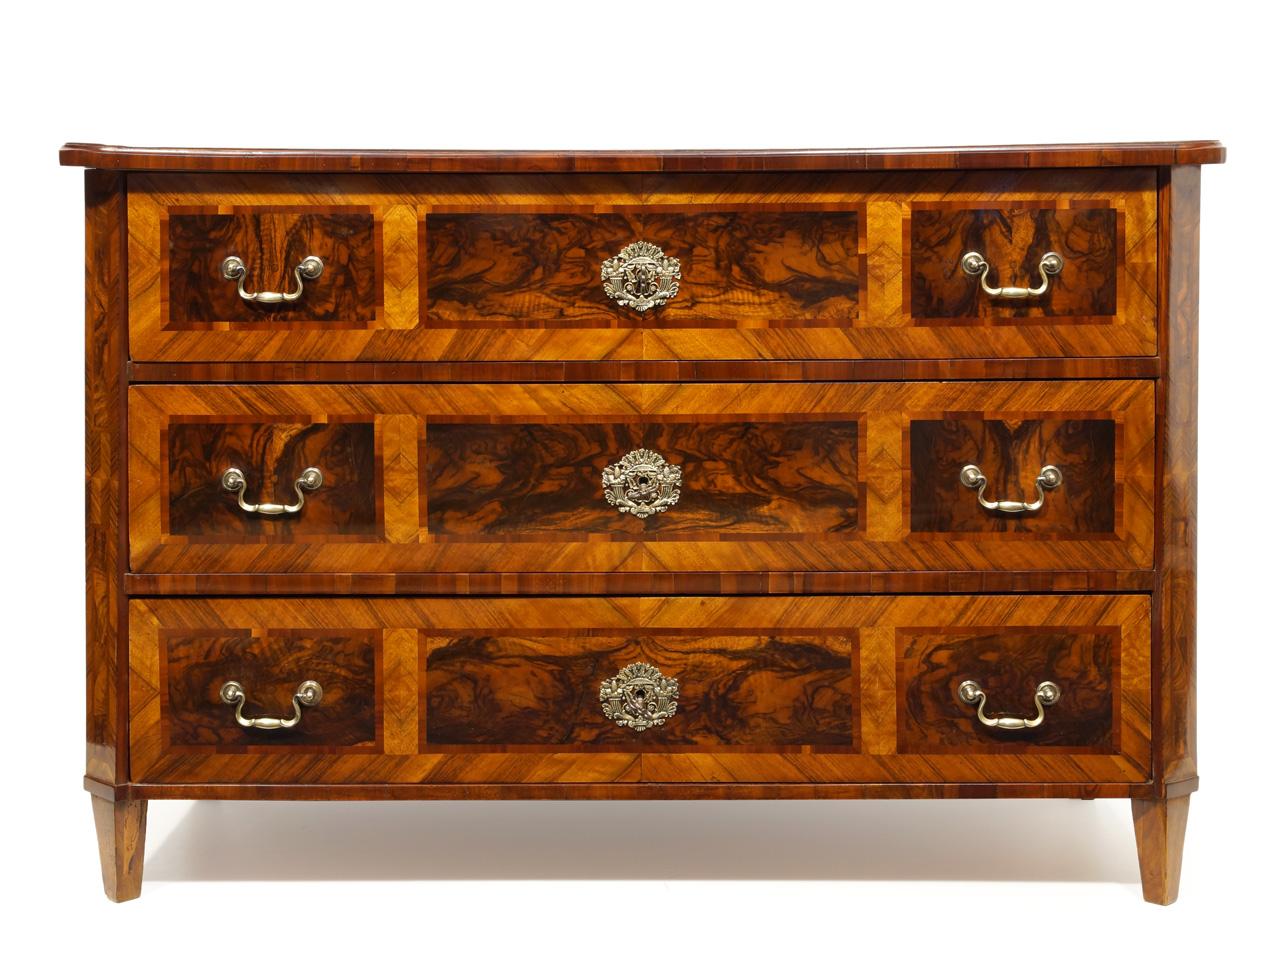 art nr 4081 louis seize kommode mit w rfelmaketerie s ddeutschland um 1800 antiquit ten am. Black Bedroom Furniture Sets. Home Design Ideas